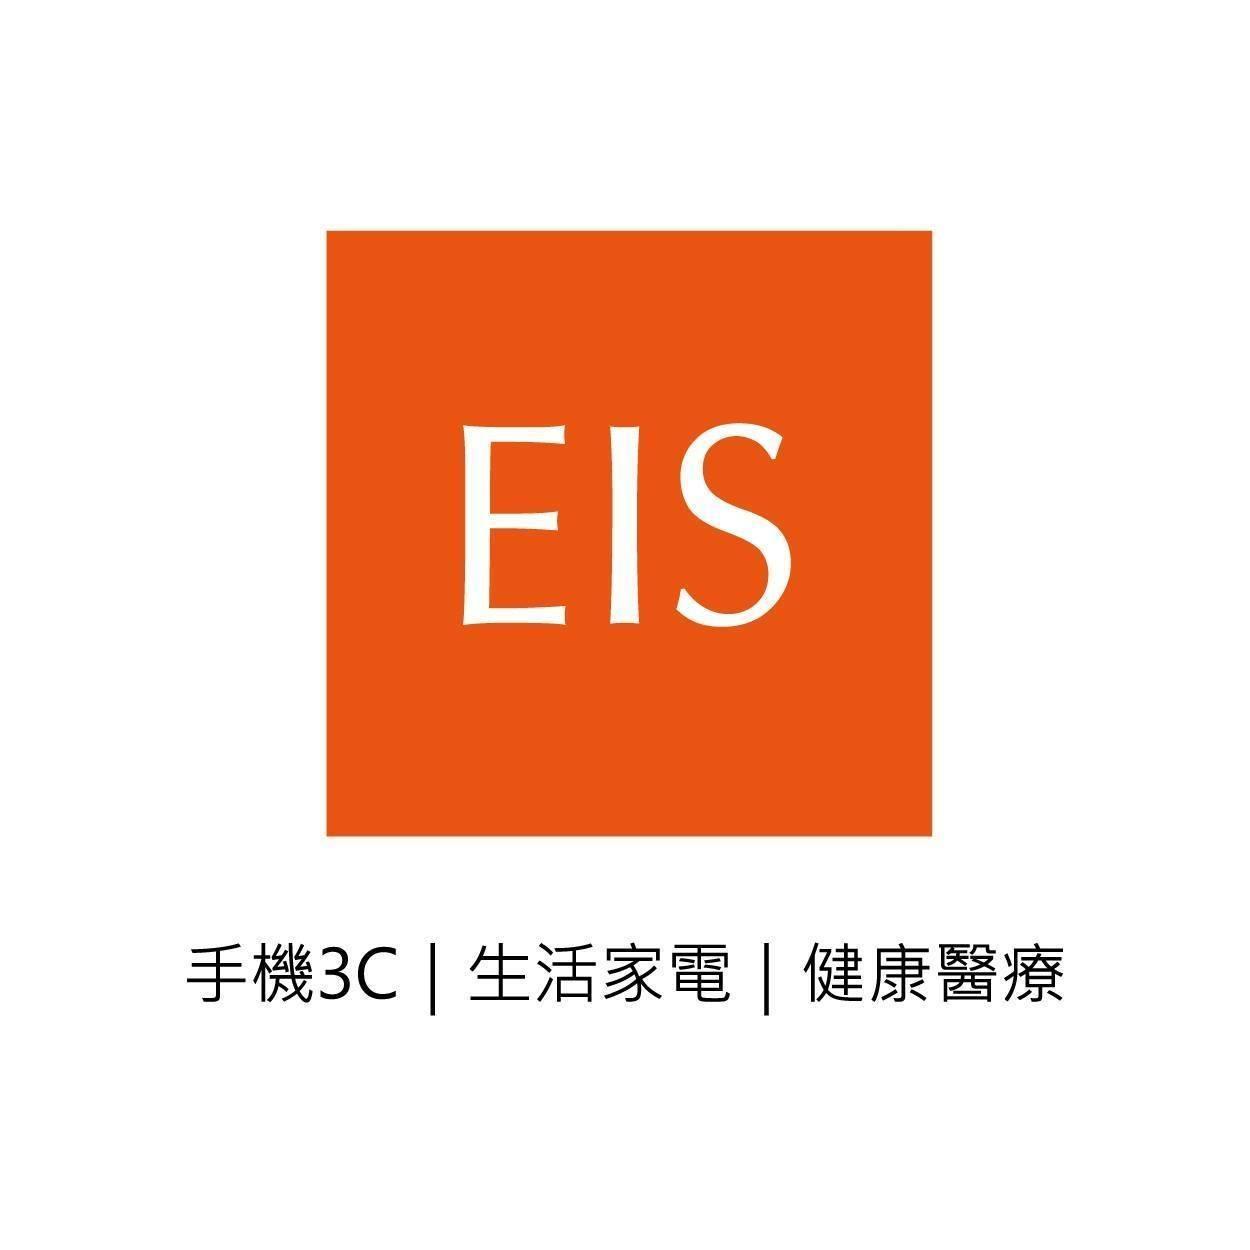 EIS精鼎嚴選3C/生活家電